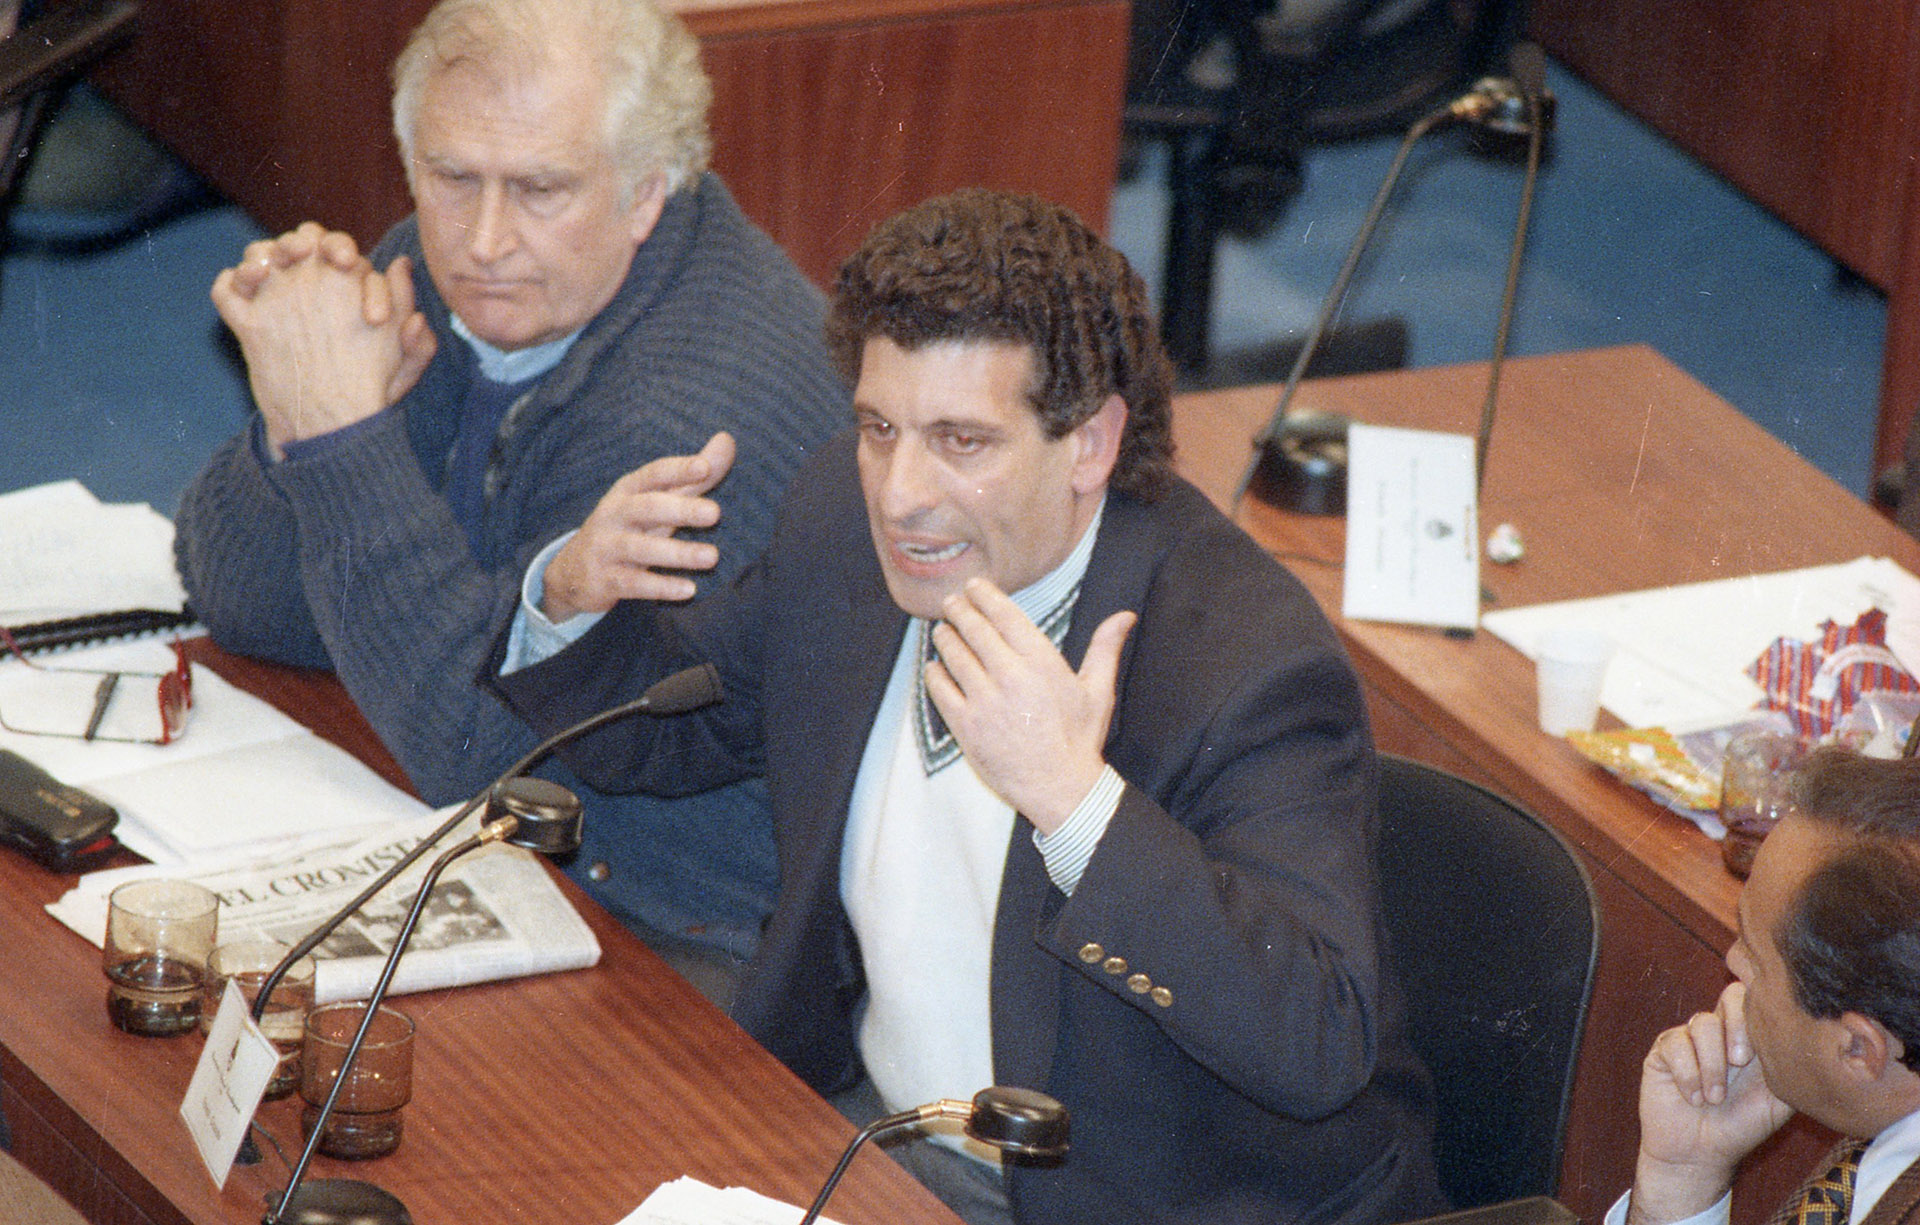 Asamblea constituyente, discurso de los jefes de bloque. Fernando Pino Solanas y Carlos Chacho Alvarez